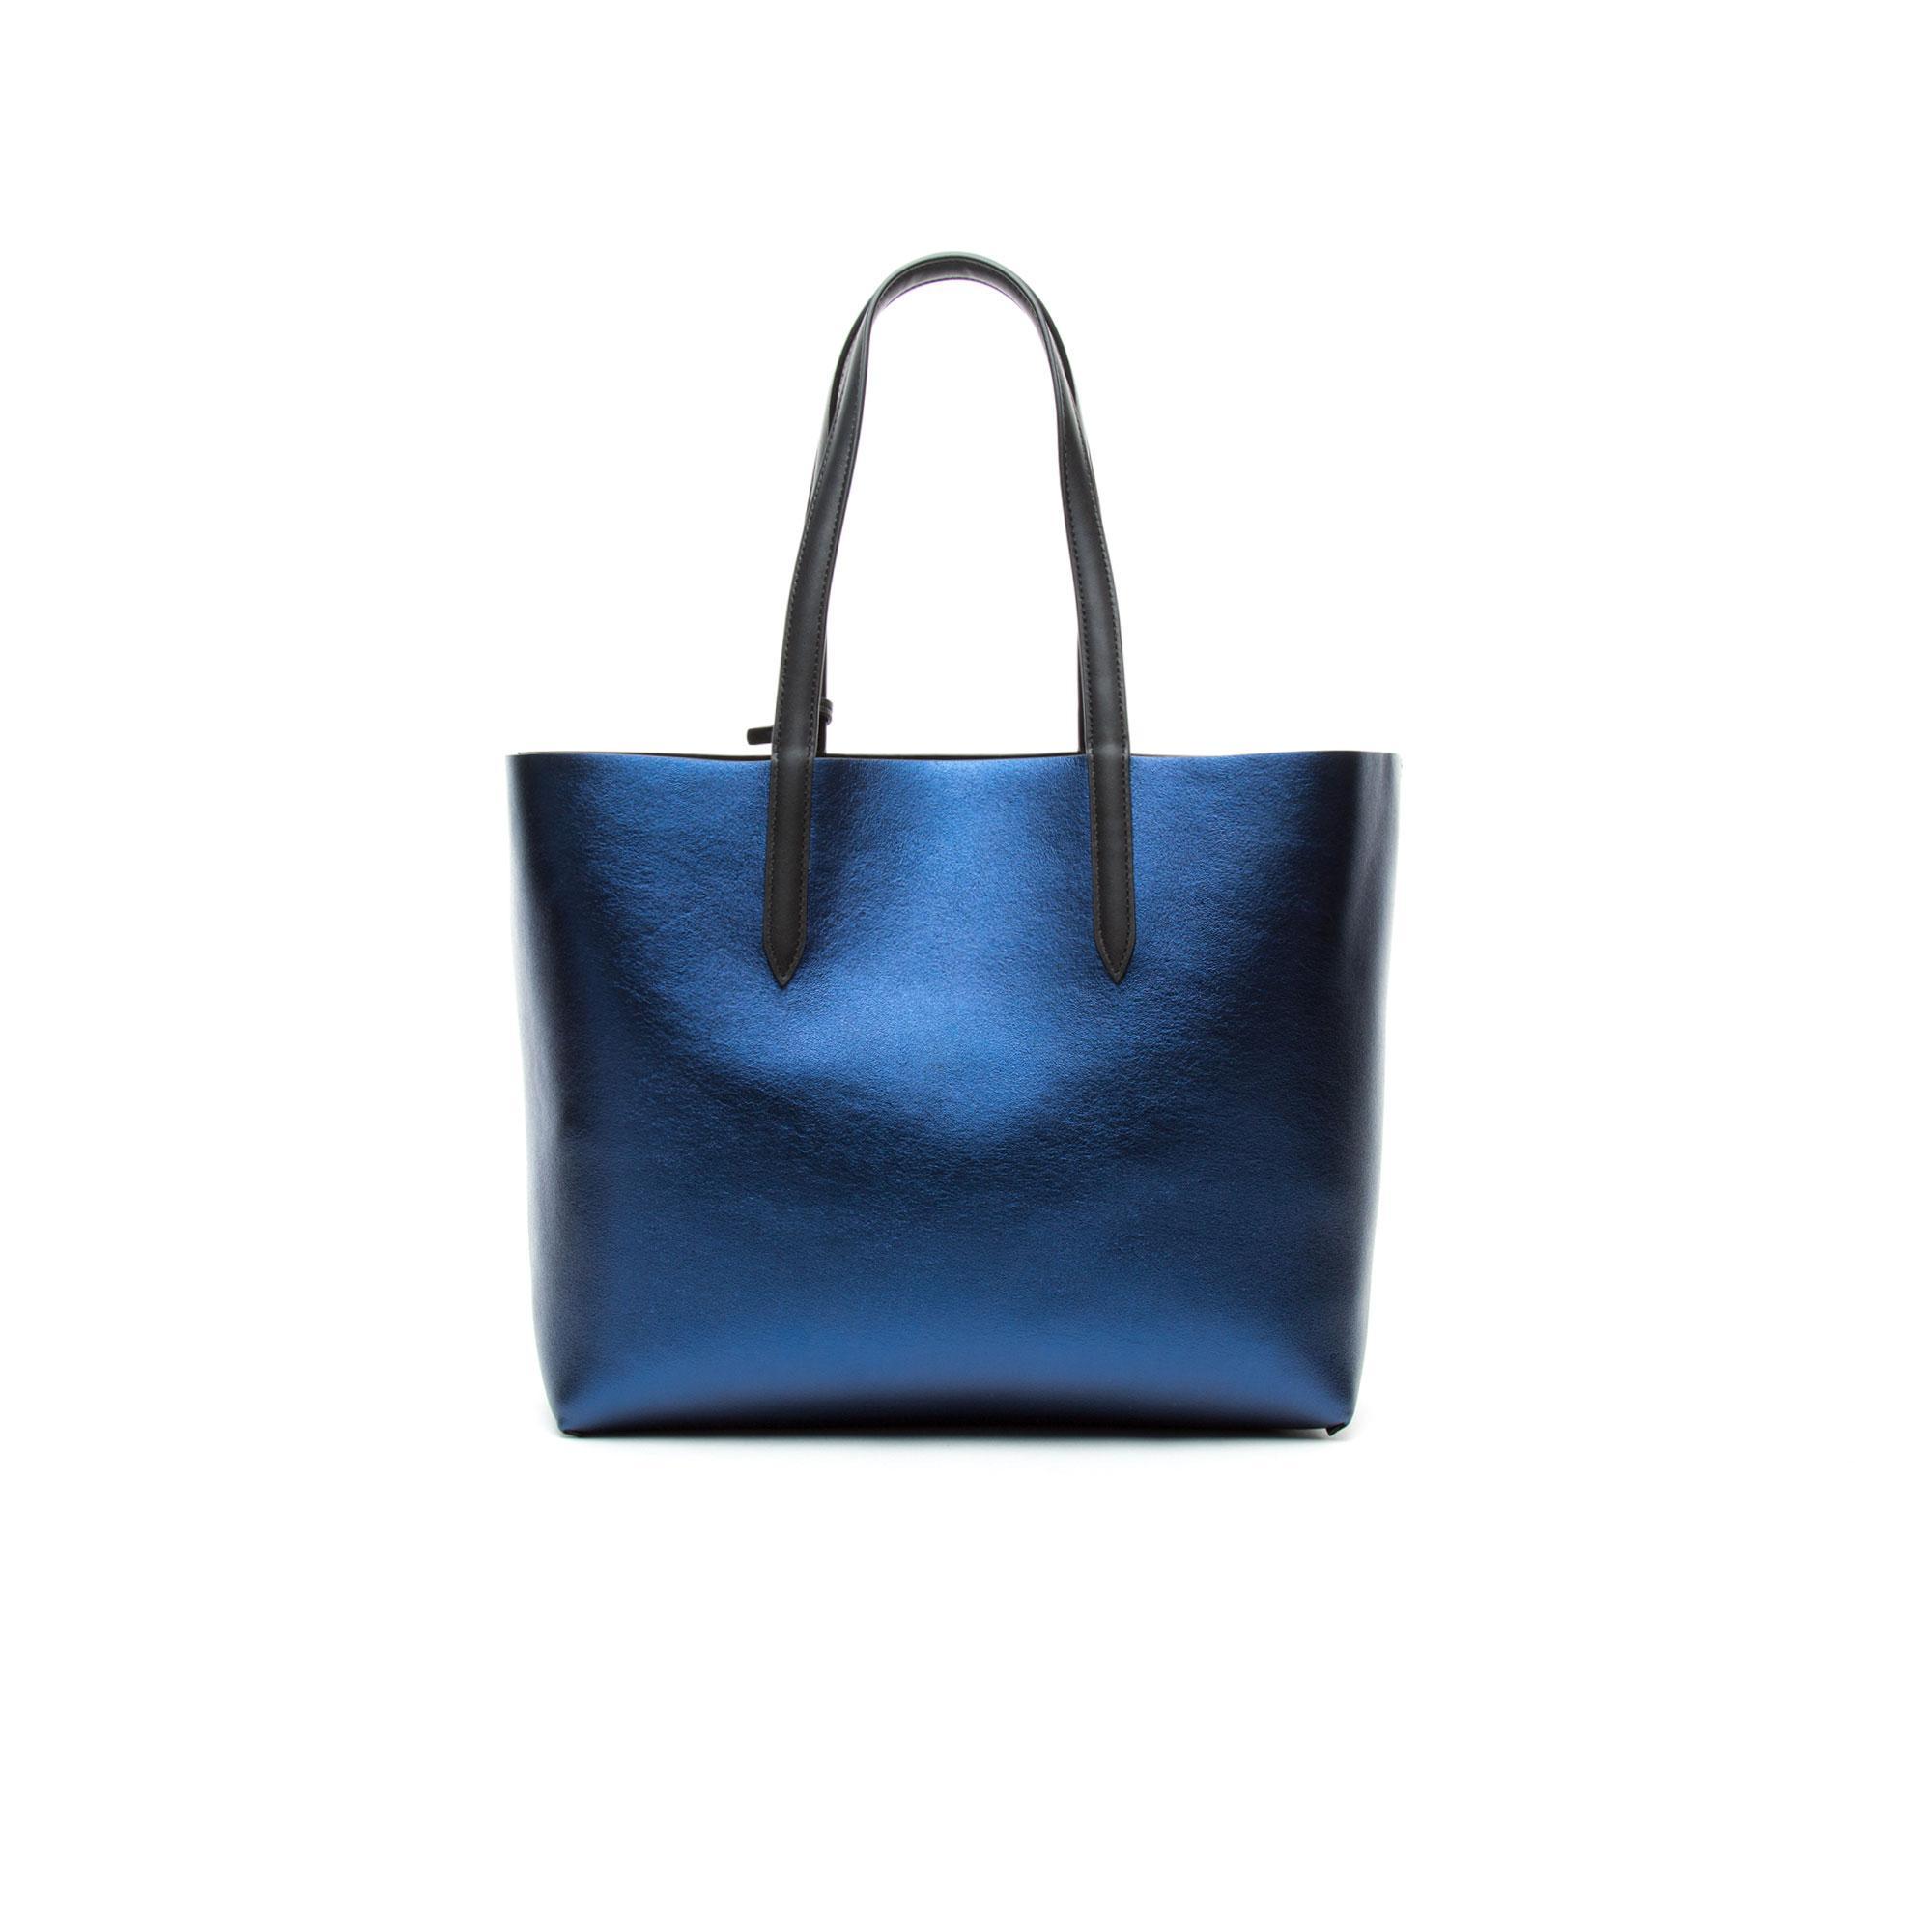 Lacoste Kadın Mavi - Siyah Çift Taraflı Çanta